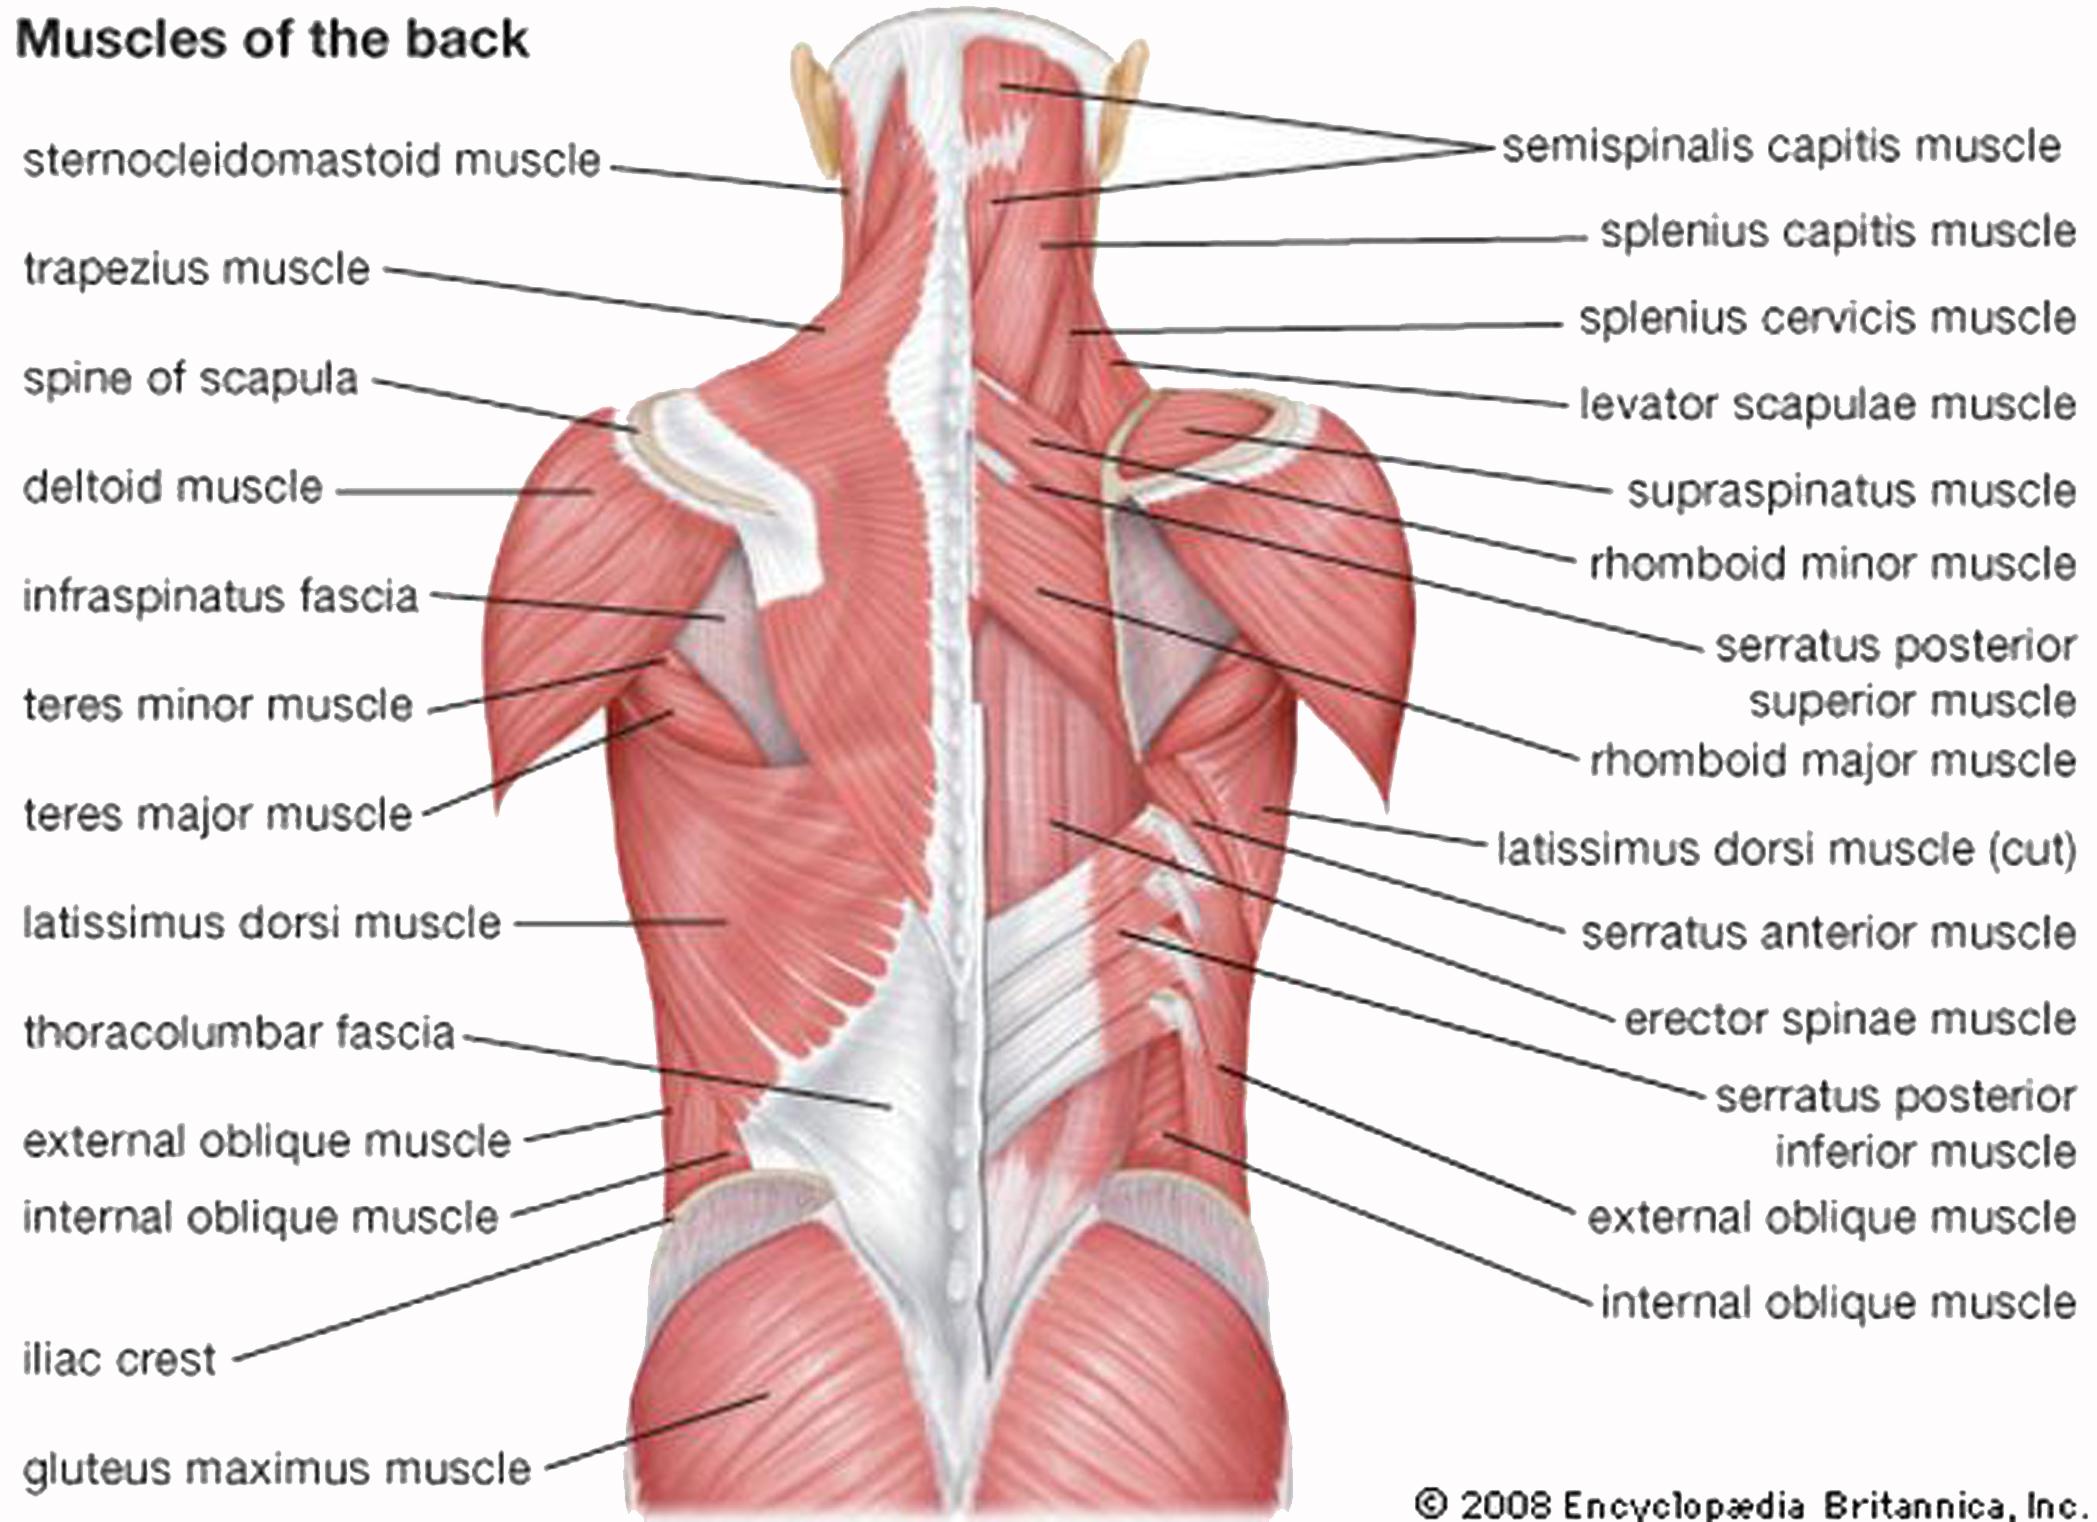 rugpijn rechterkant midden